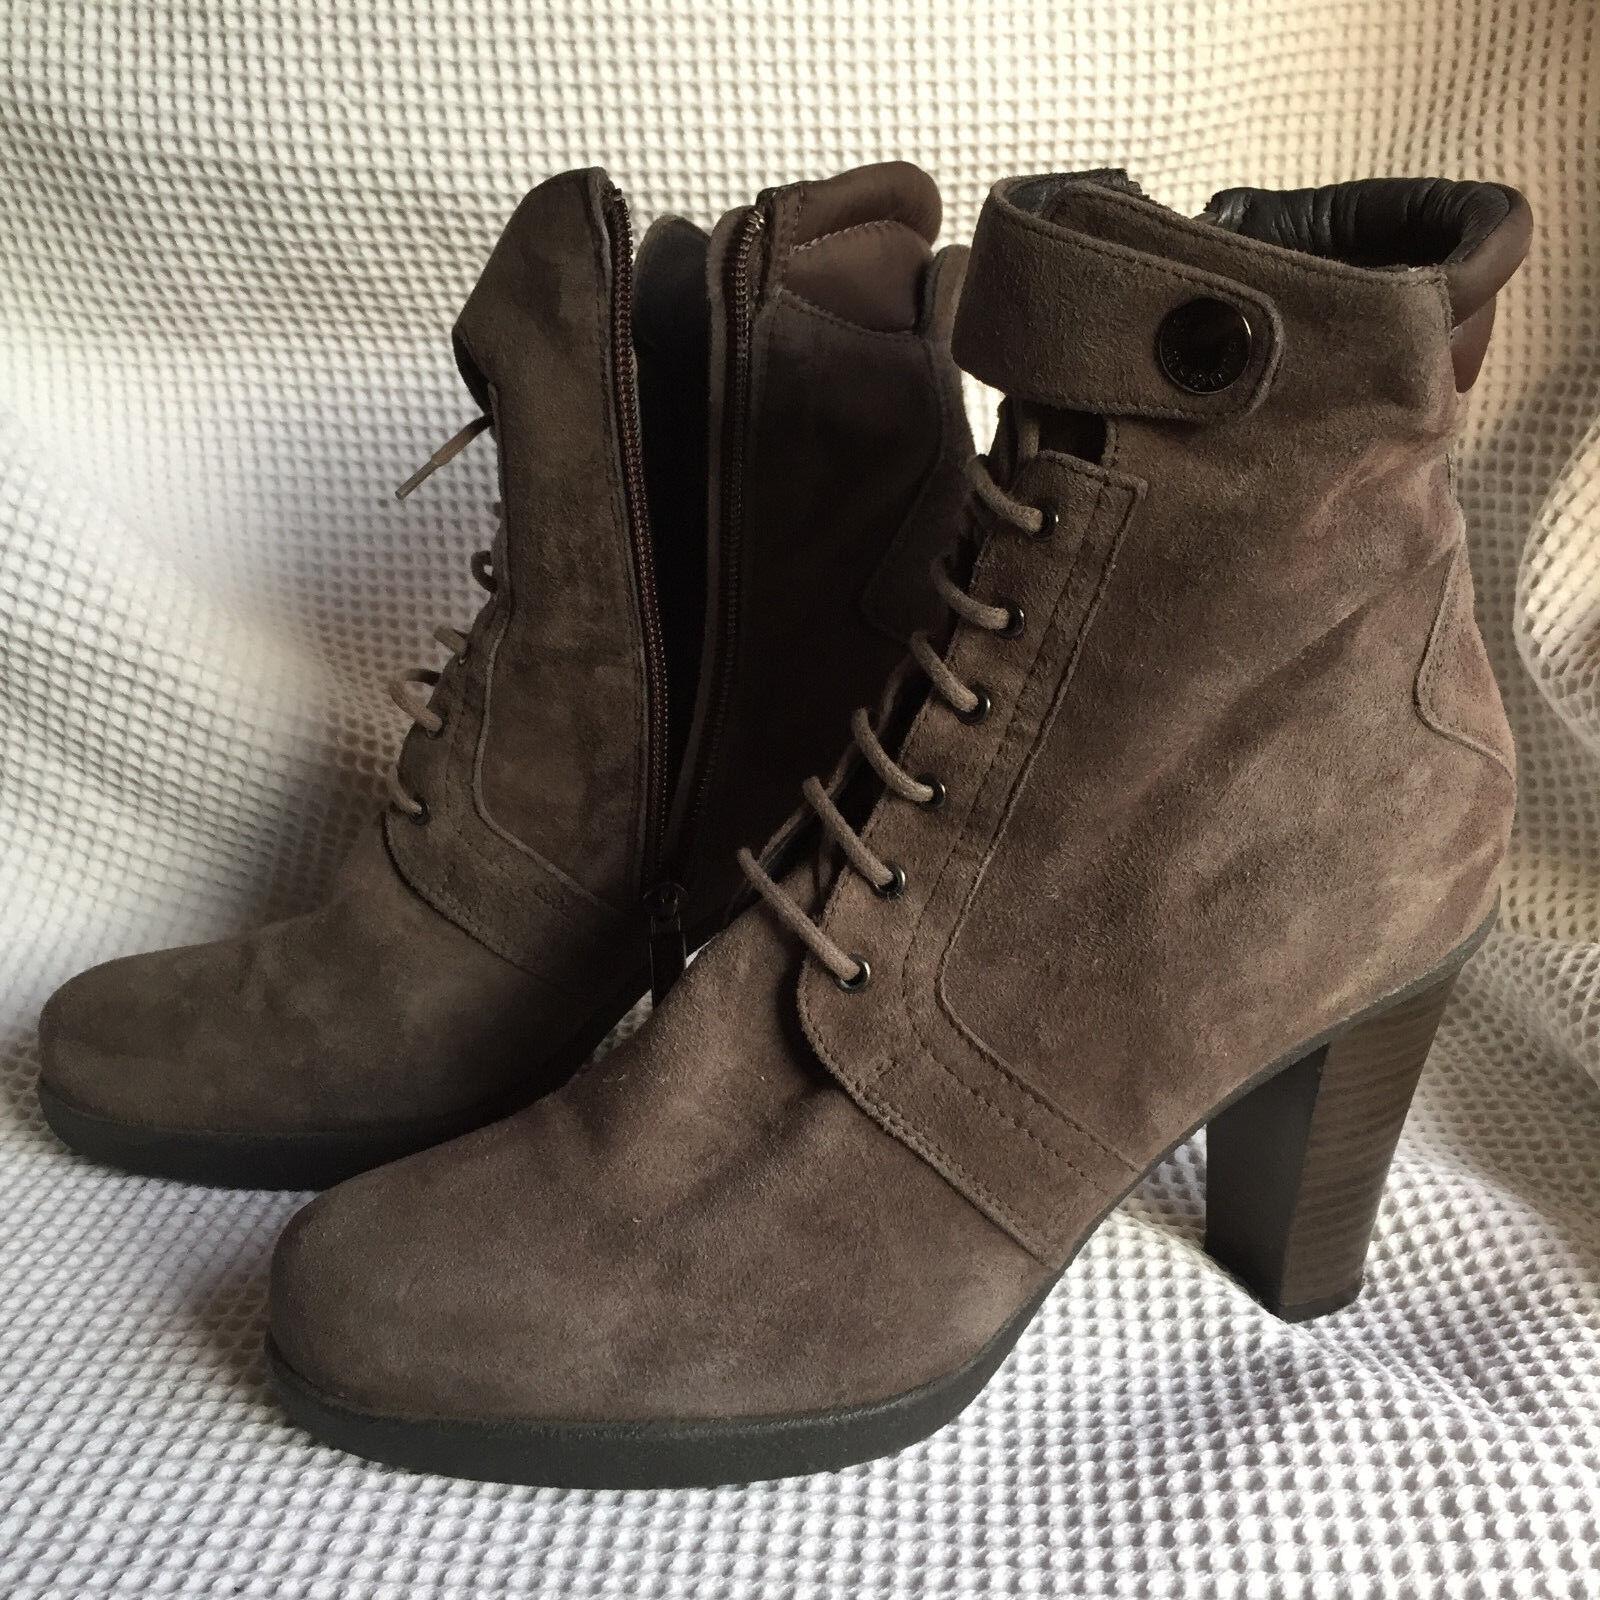 Samsonite  Ladies Suede  Ankle Boots High block heels  EU 39 UK 6 US 8